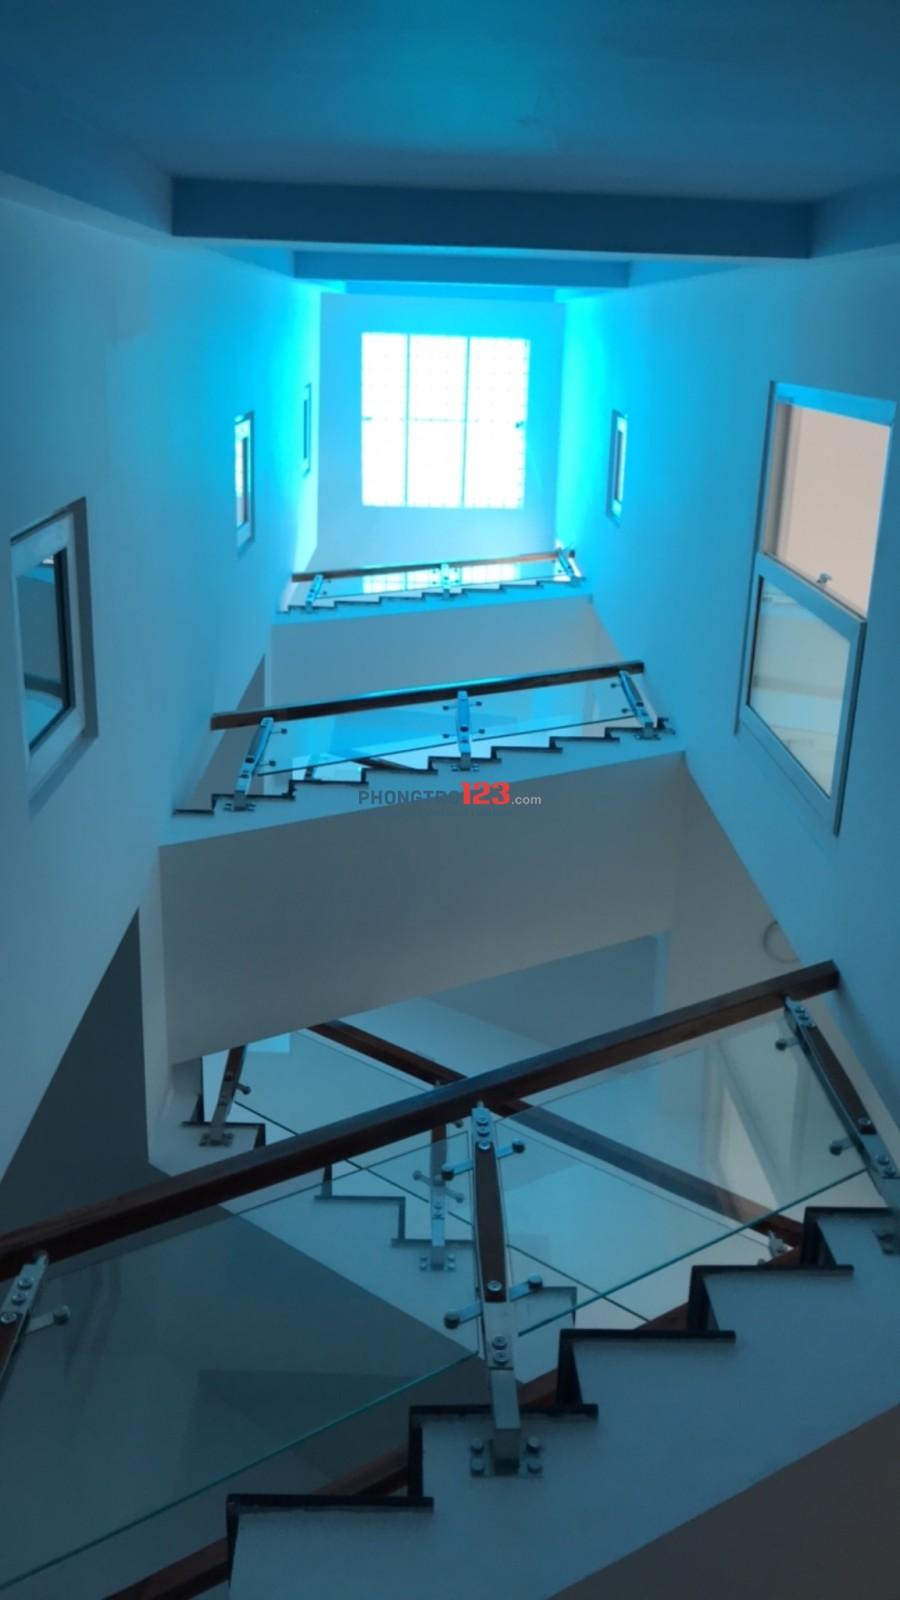 Cho thuê phòng nội thất cơ bản như hình phù hợp cho người đi làm hoặc sinh viên ở nhóm từ 2 đến 3 người.